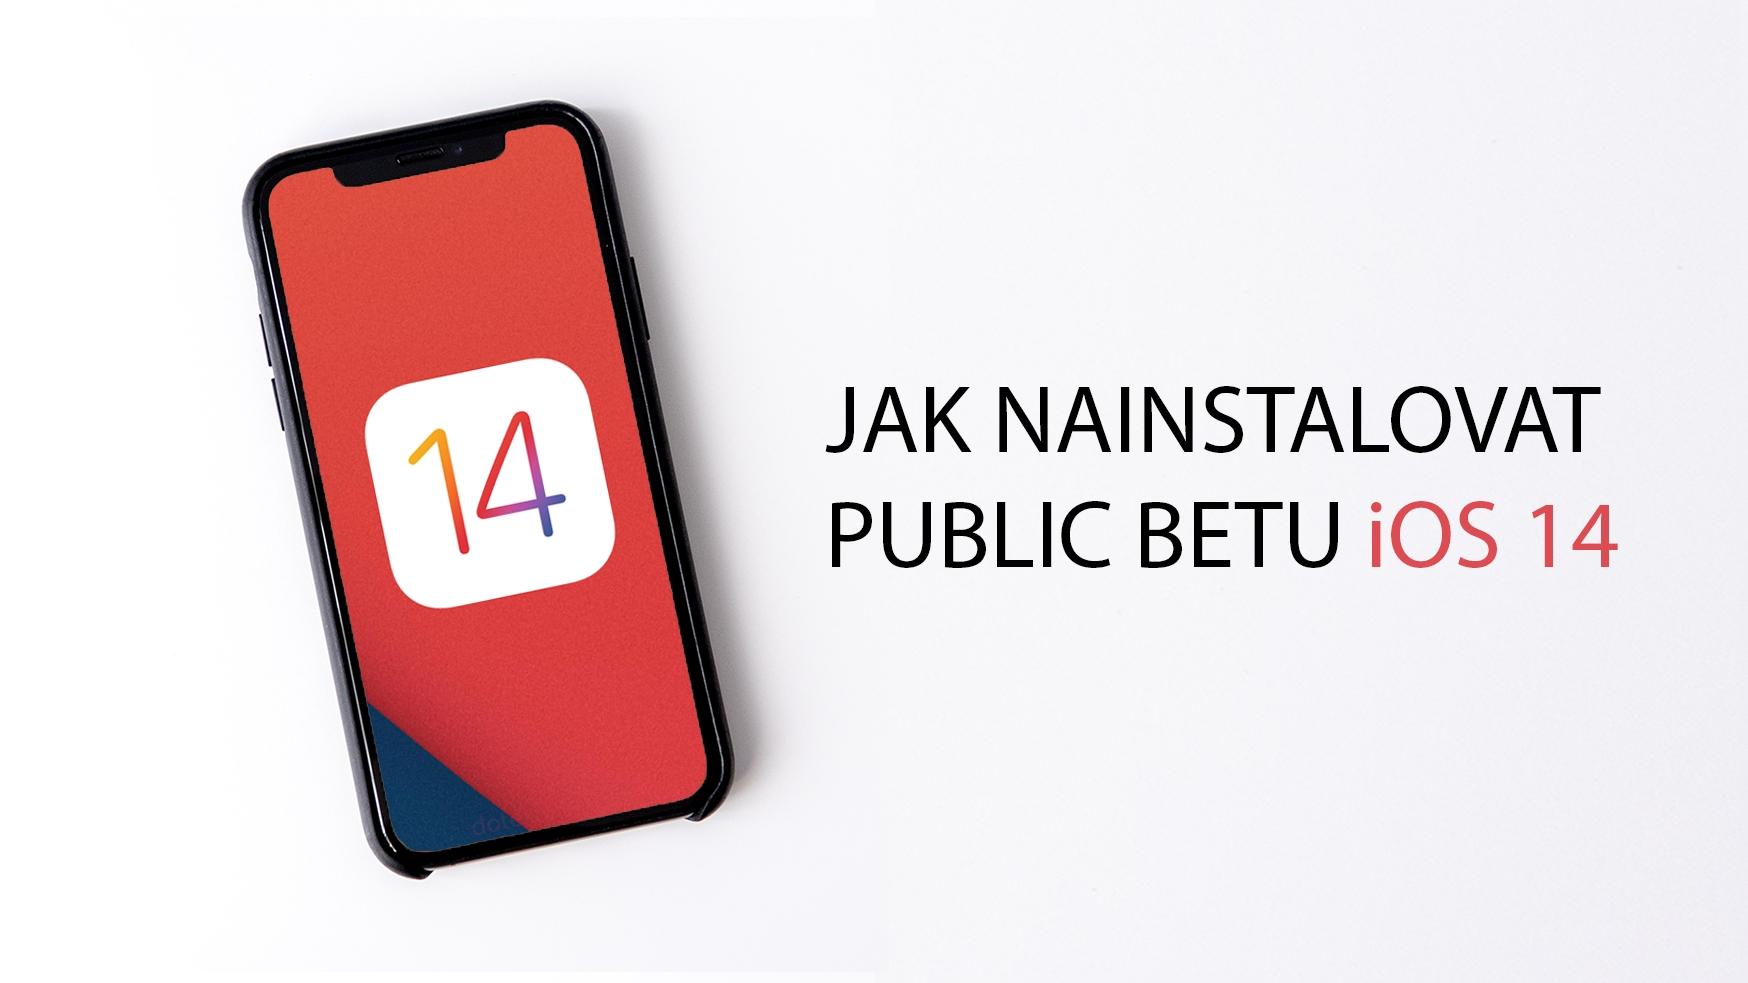 Jak nainstalovat public betu iOS 14 [návod]